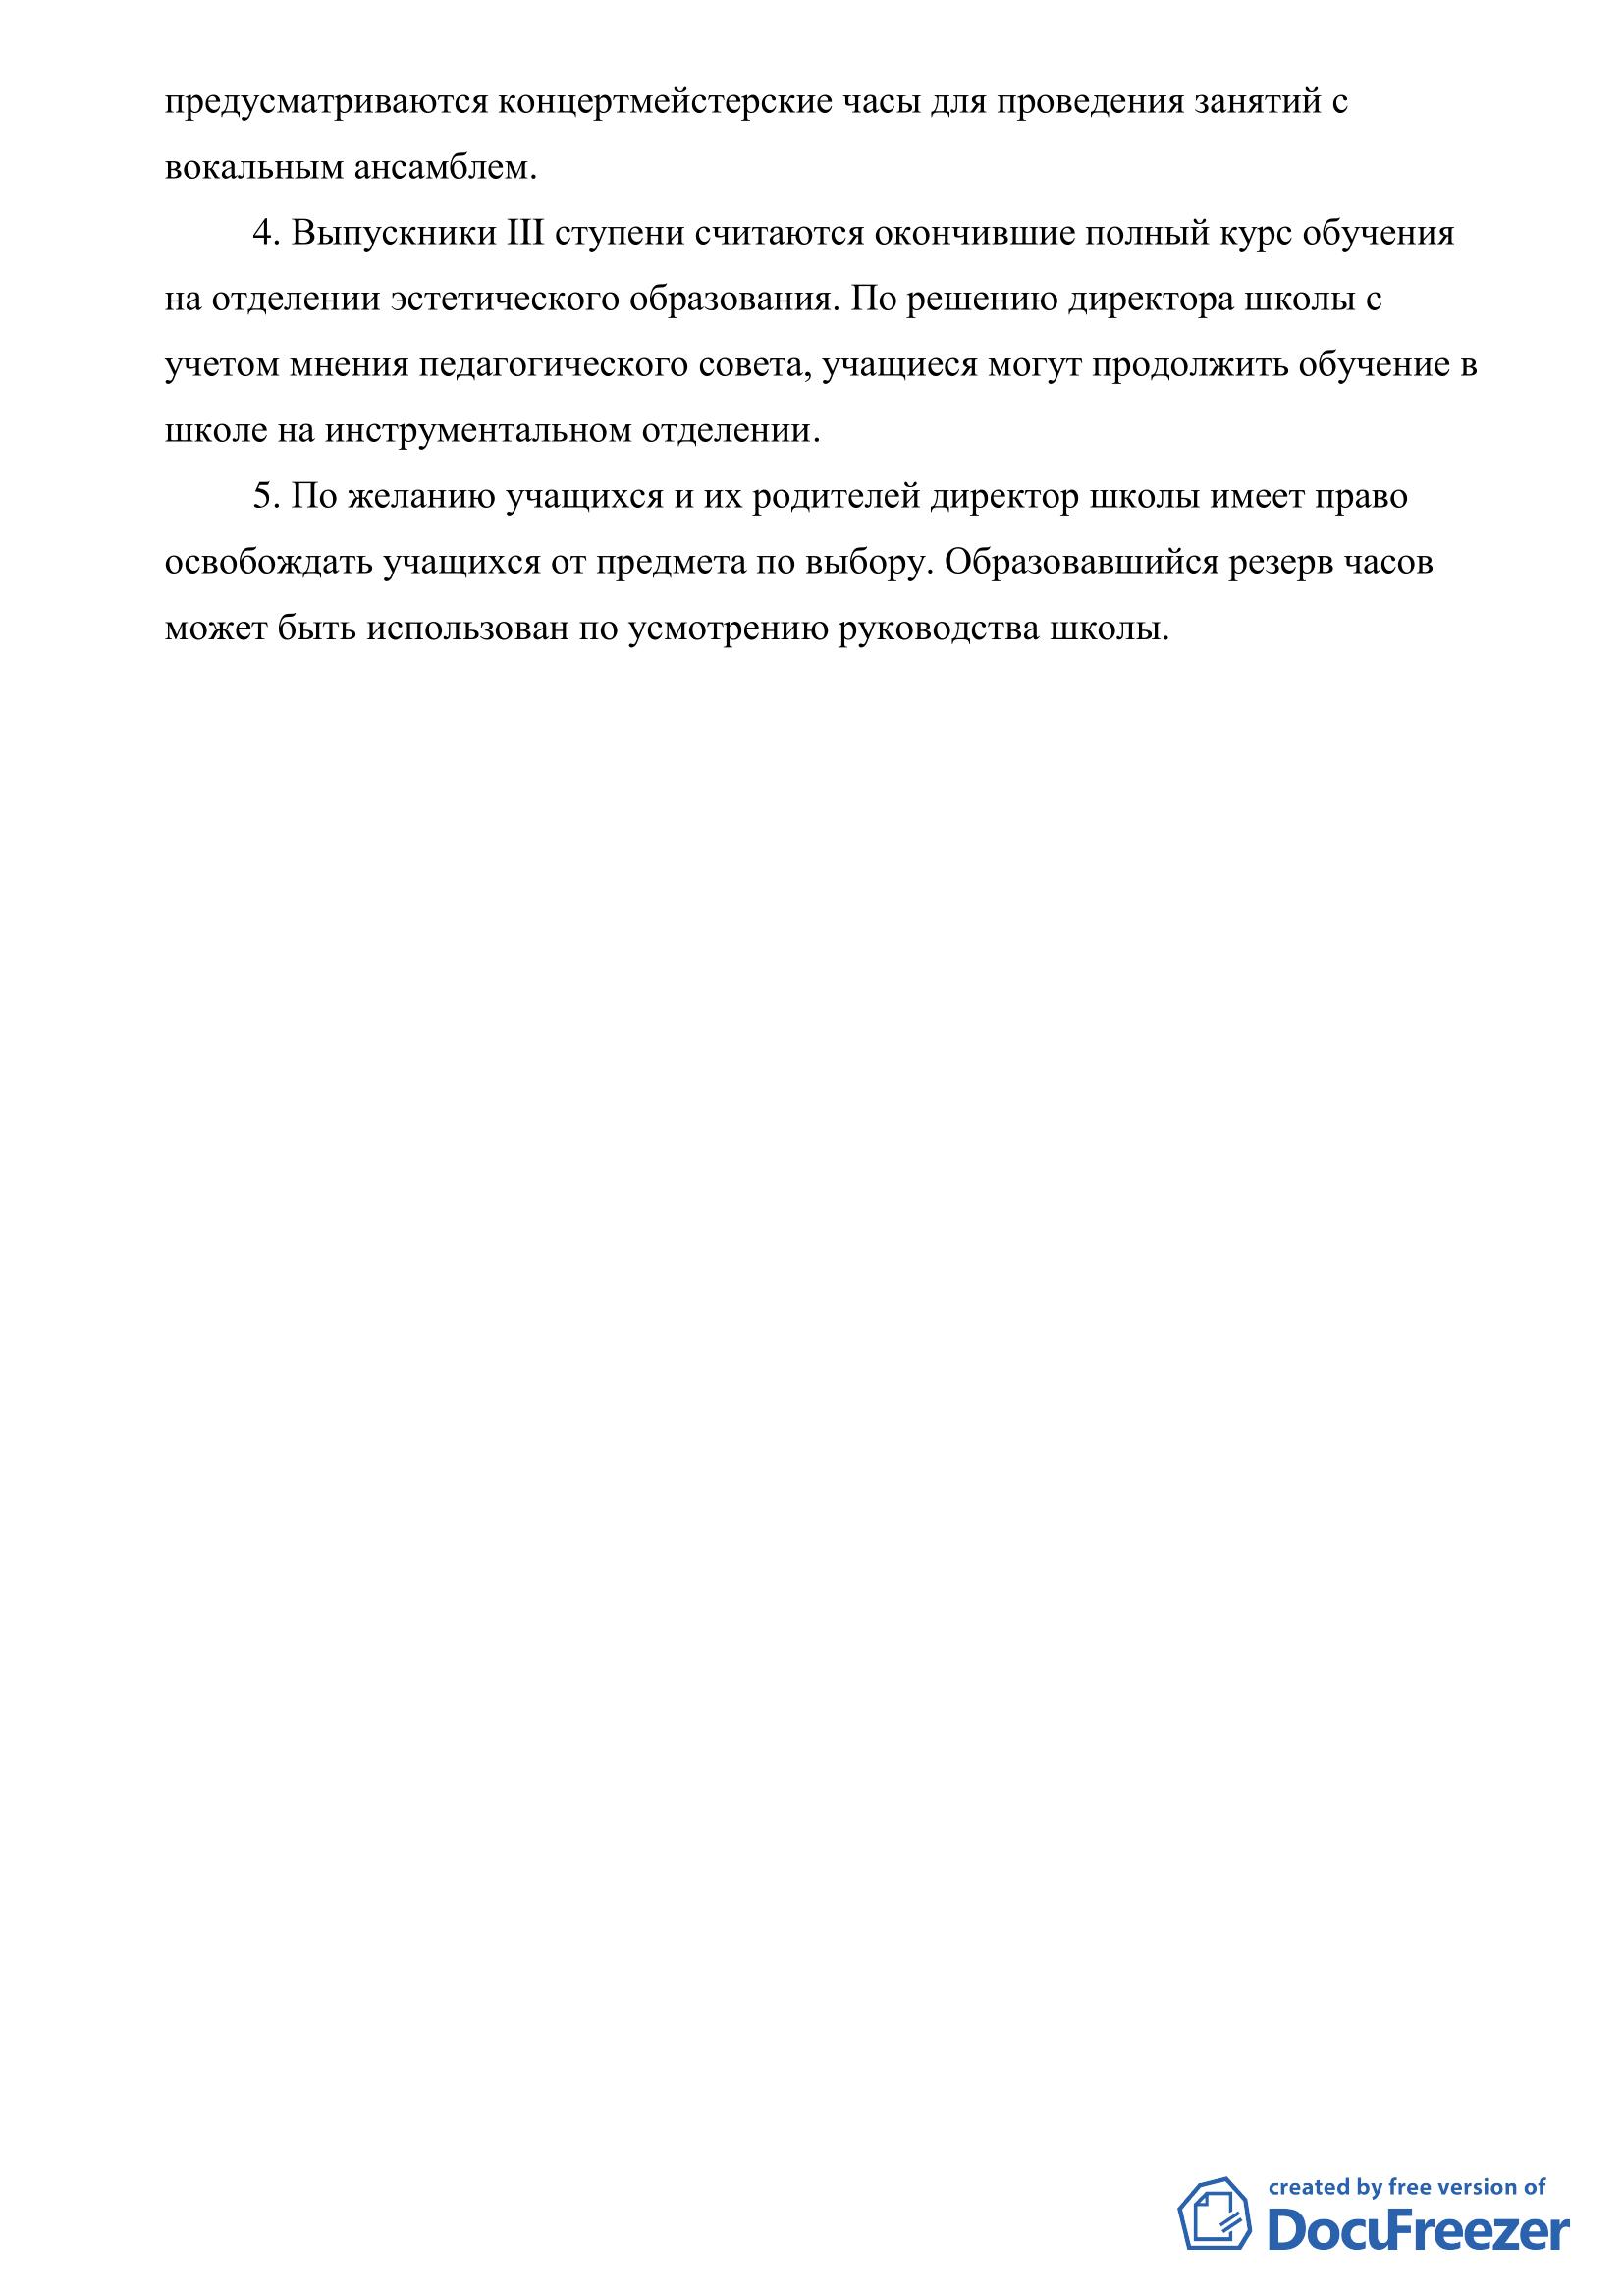 Рабочий учебный план эстет. обр. 2015-2016 уг_4